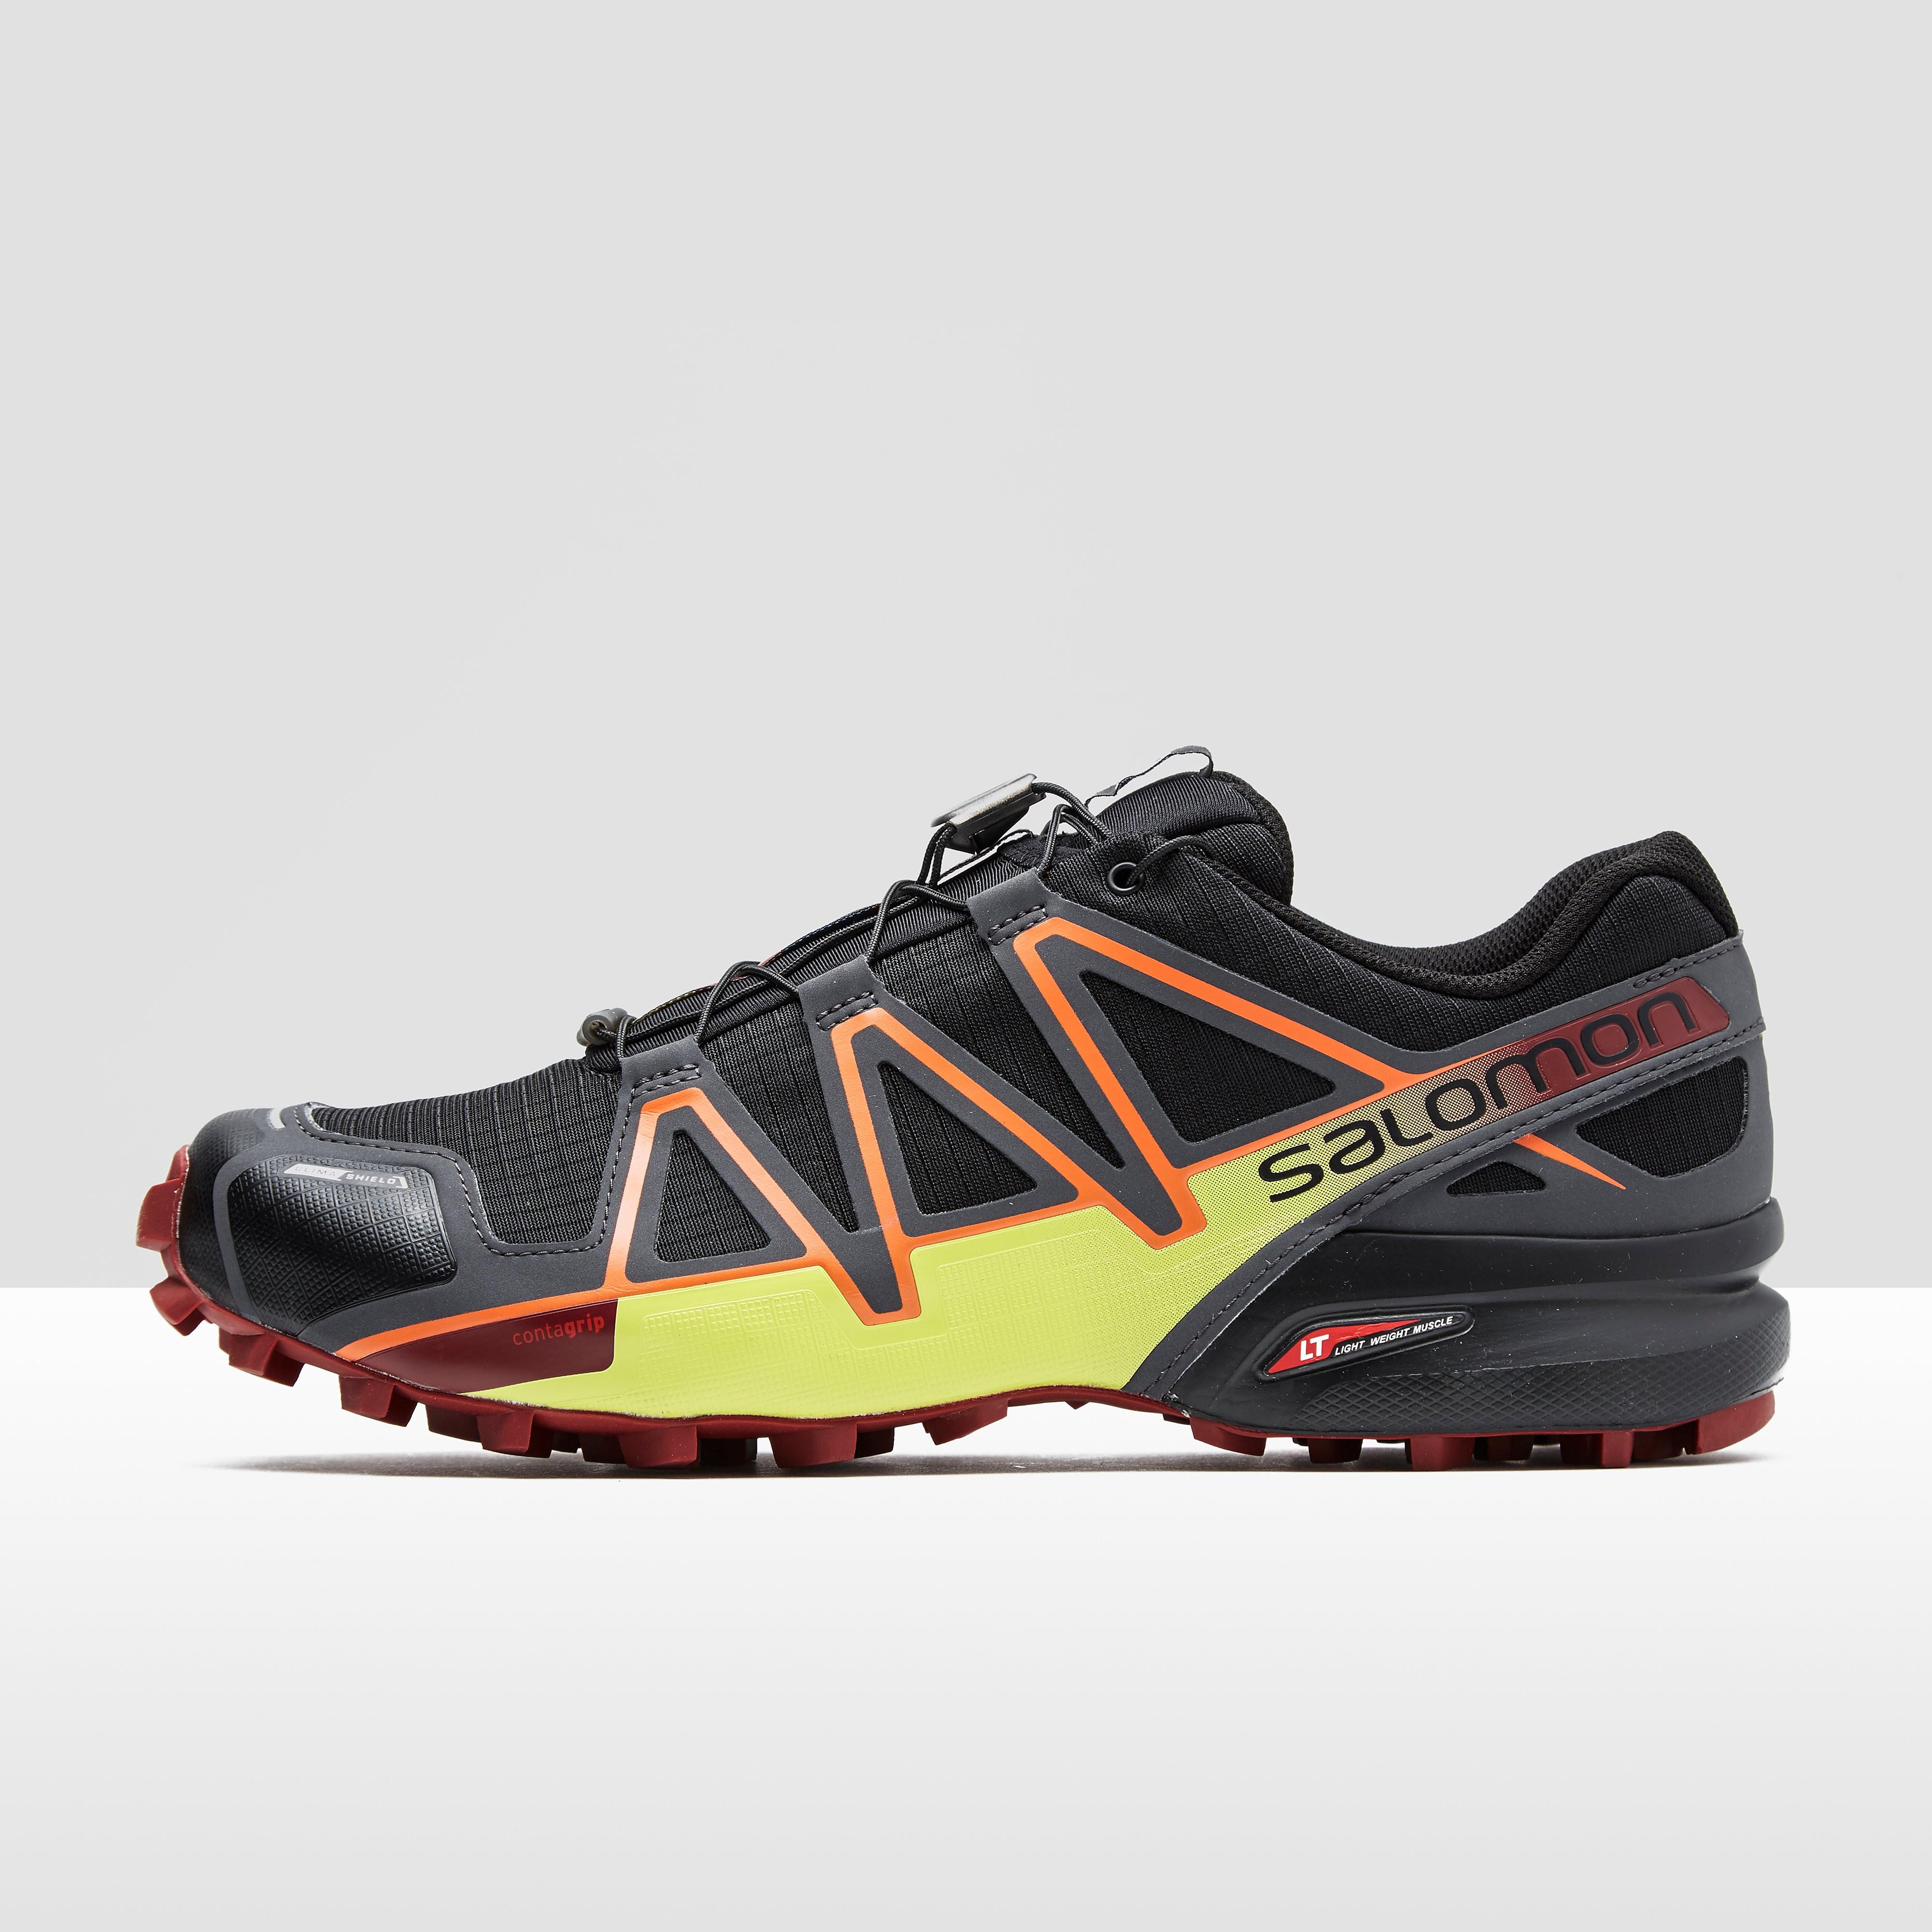 Salomon Speedcross 4 CS Men's Trail Running Shoes